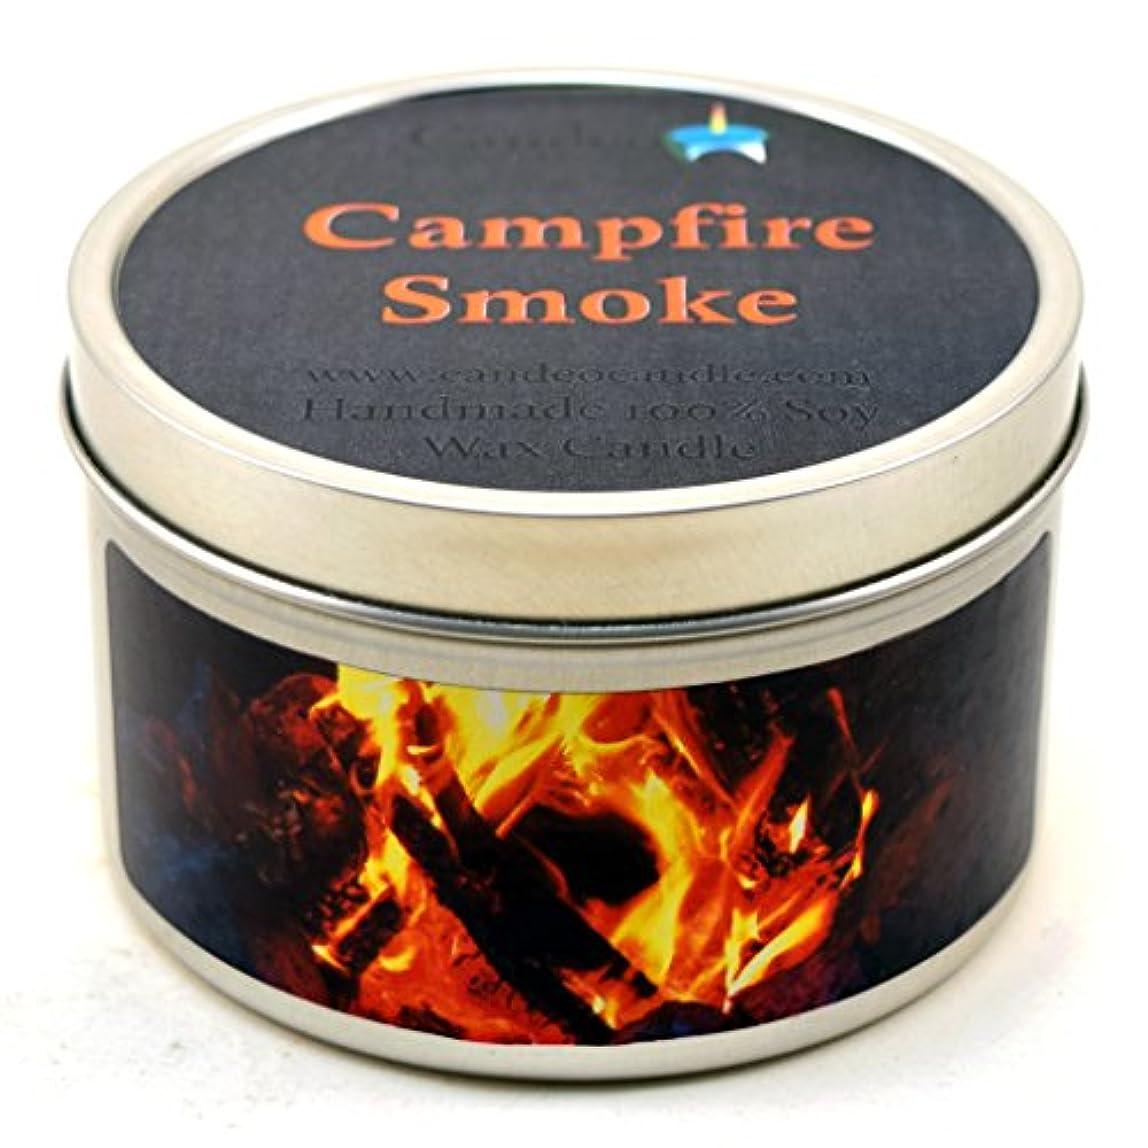 バドミントンお酢泣く(180ml) - Campfire Smoke Super Scented Soy Candle Tin (180ml)